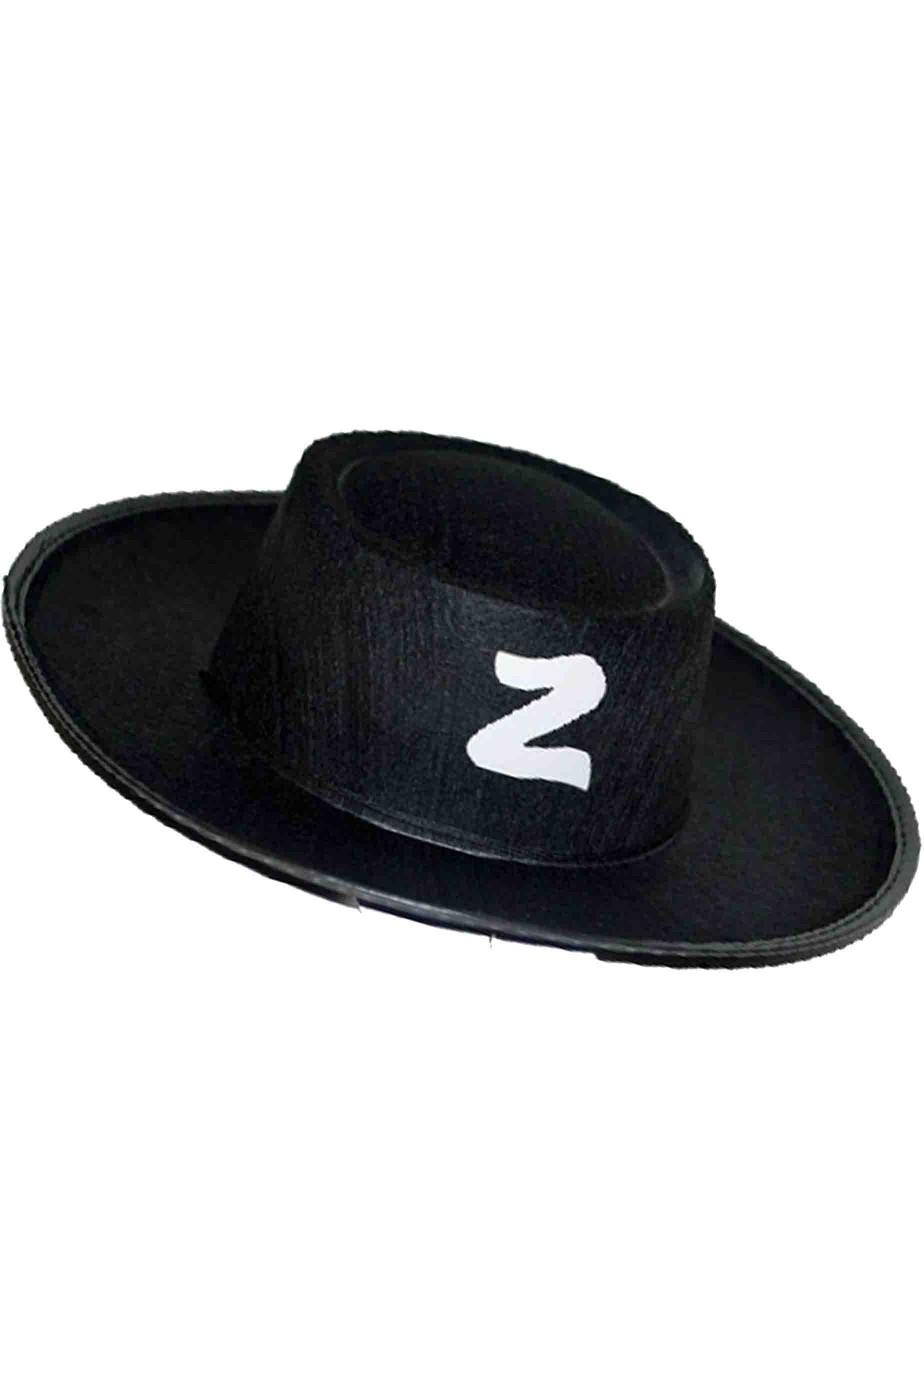 Cappello di Carnevale da Zorro per bambino nero con Z bianca d6998924b320